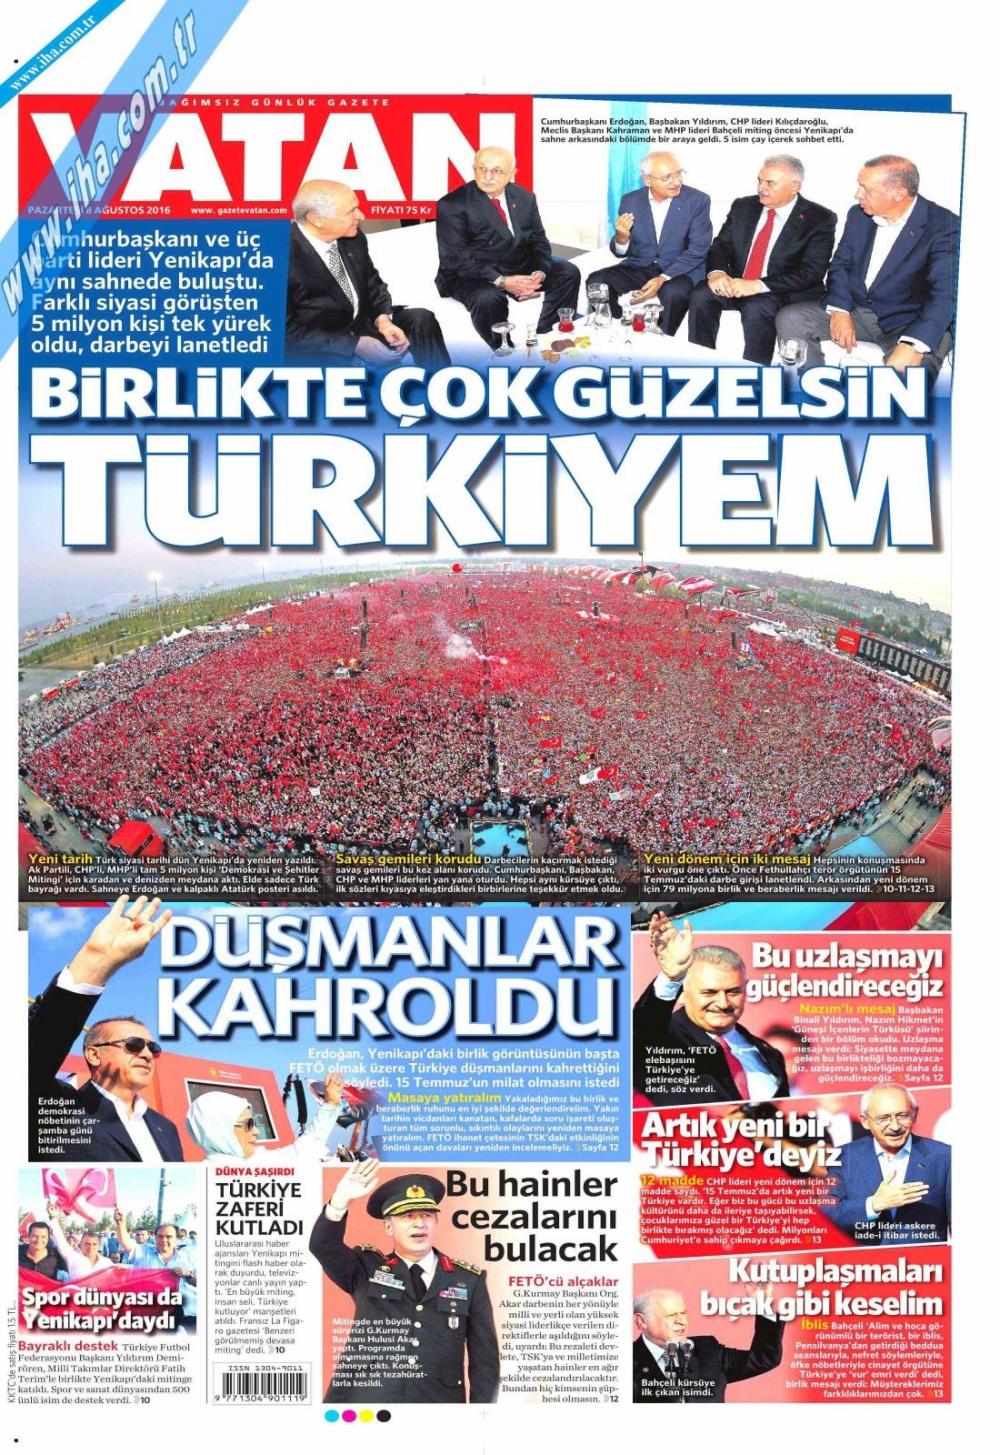 Gazeteler tarihi Yenikapı Mitingi'ni böyle gördü 20